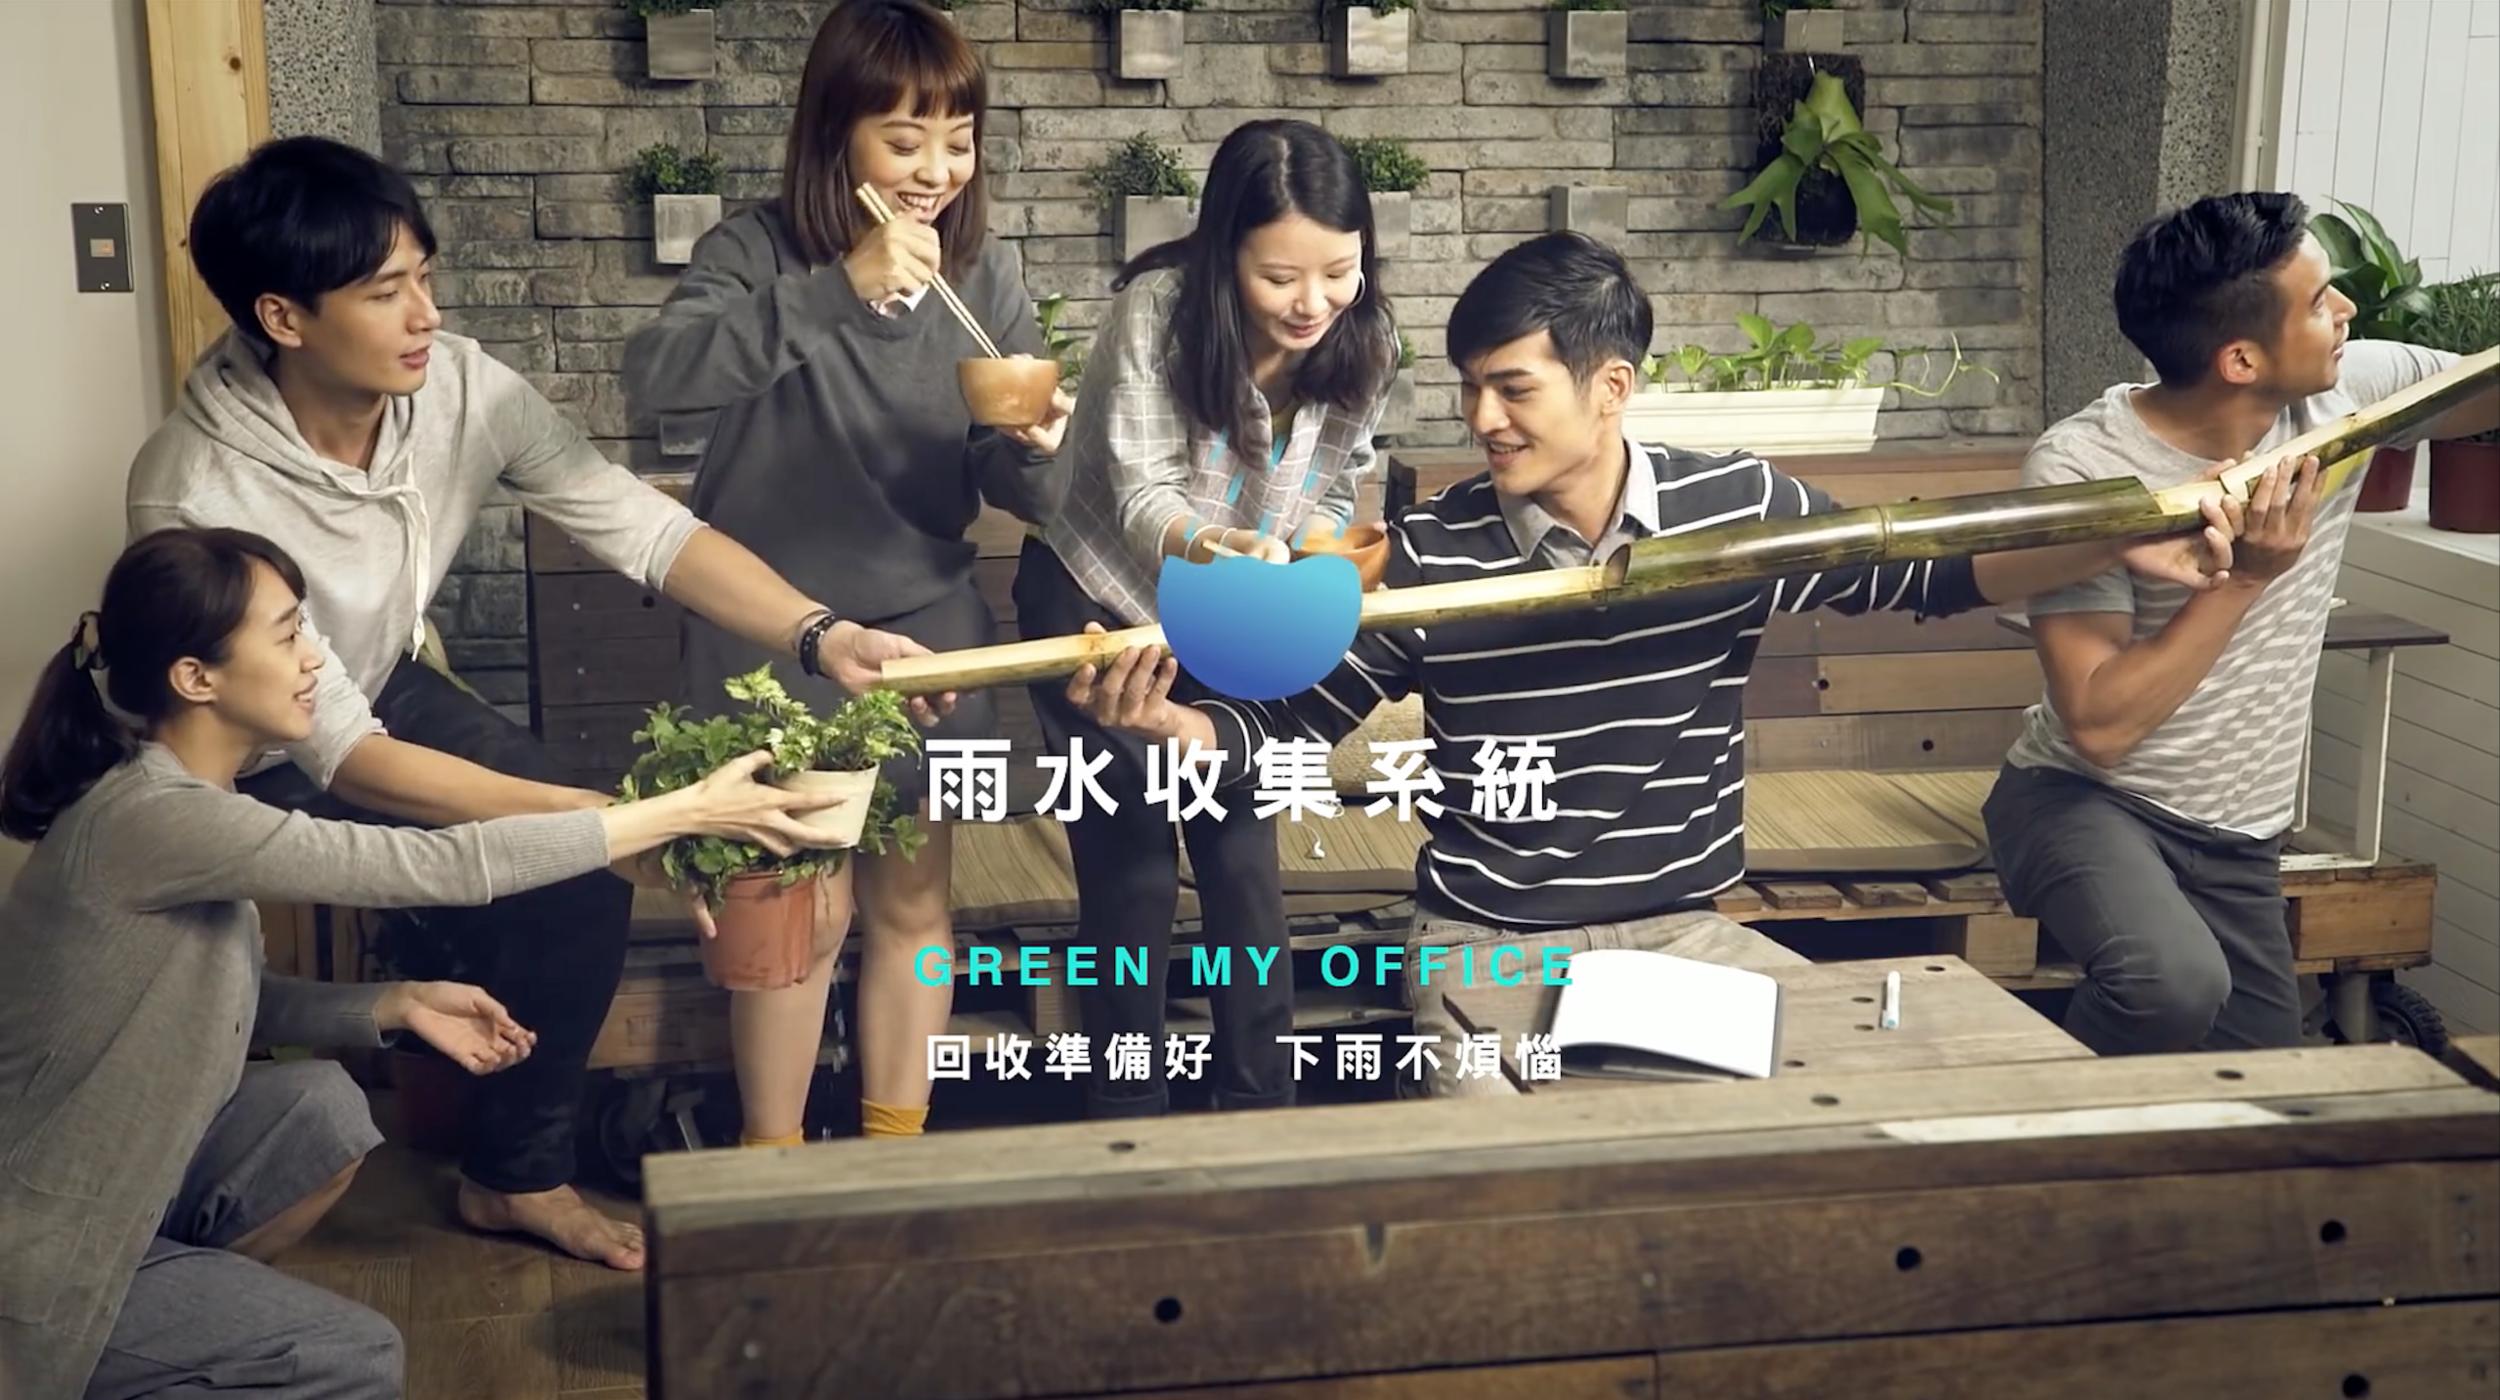 绿色和平风光发电 Green My Office 雨水搜集系统.png